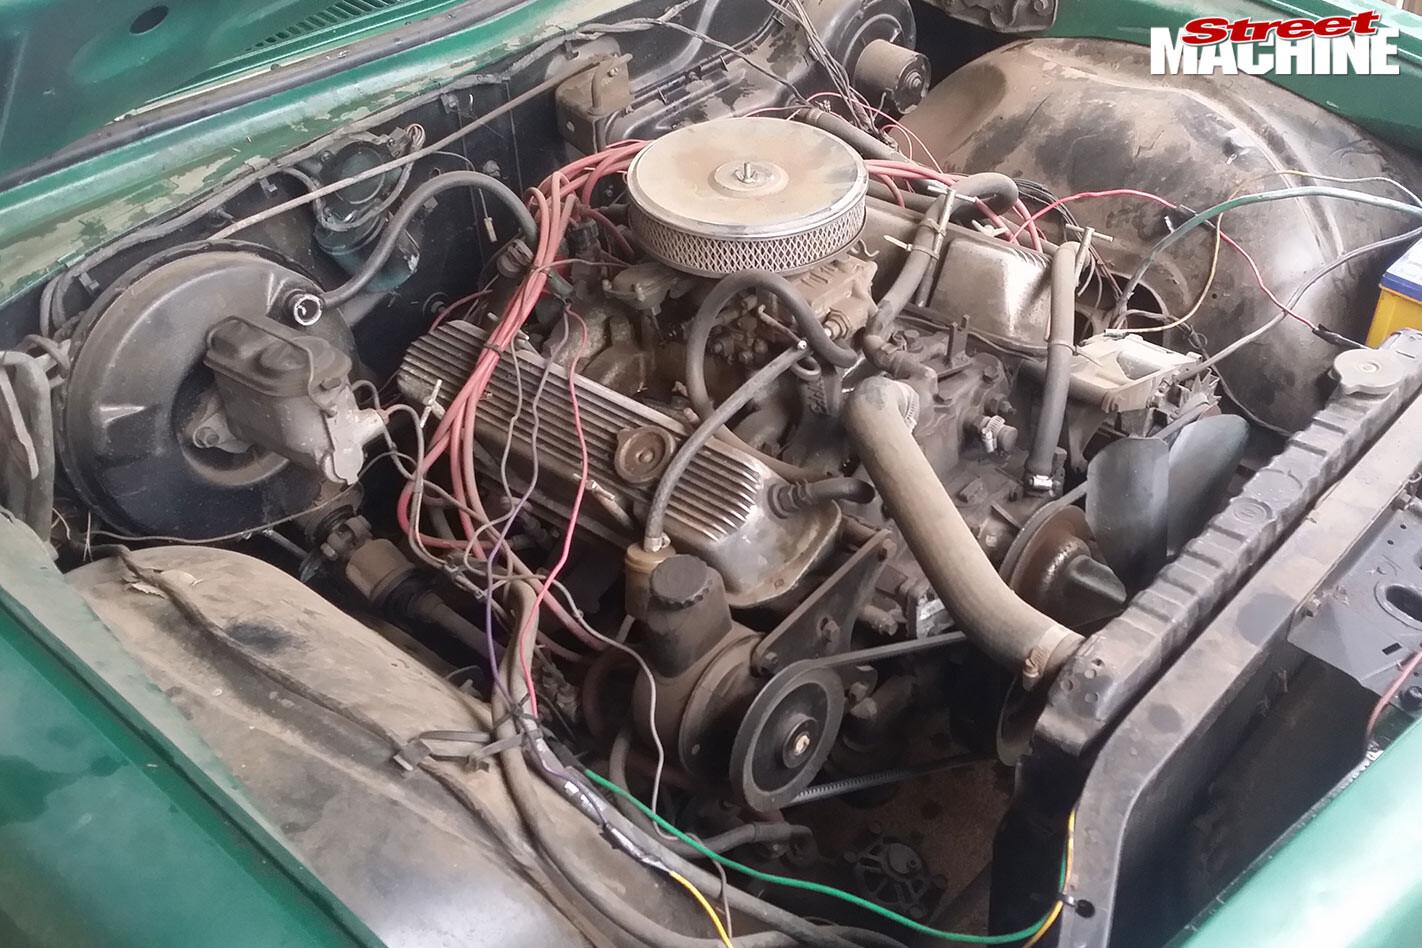 Holden HQ Kingswood engine bay